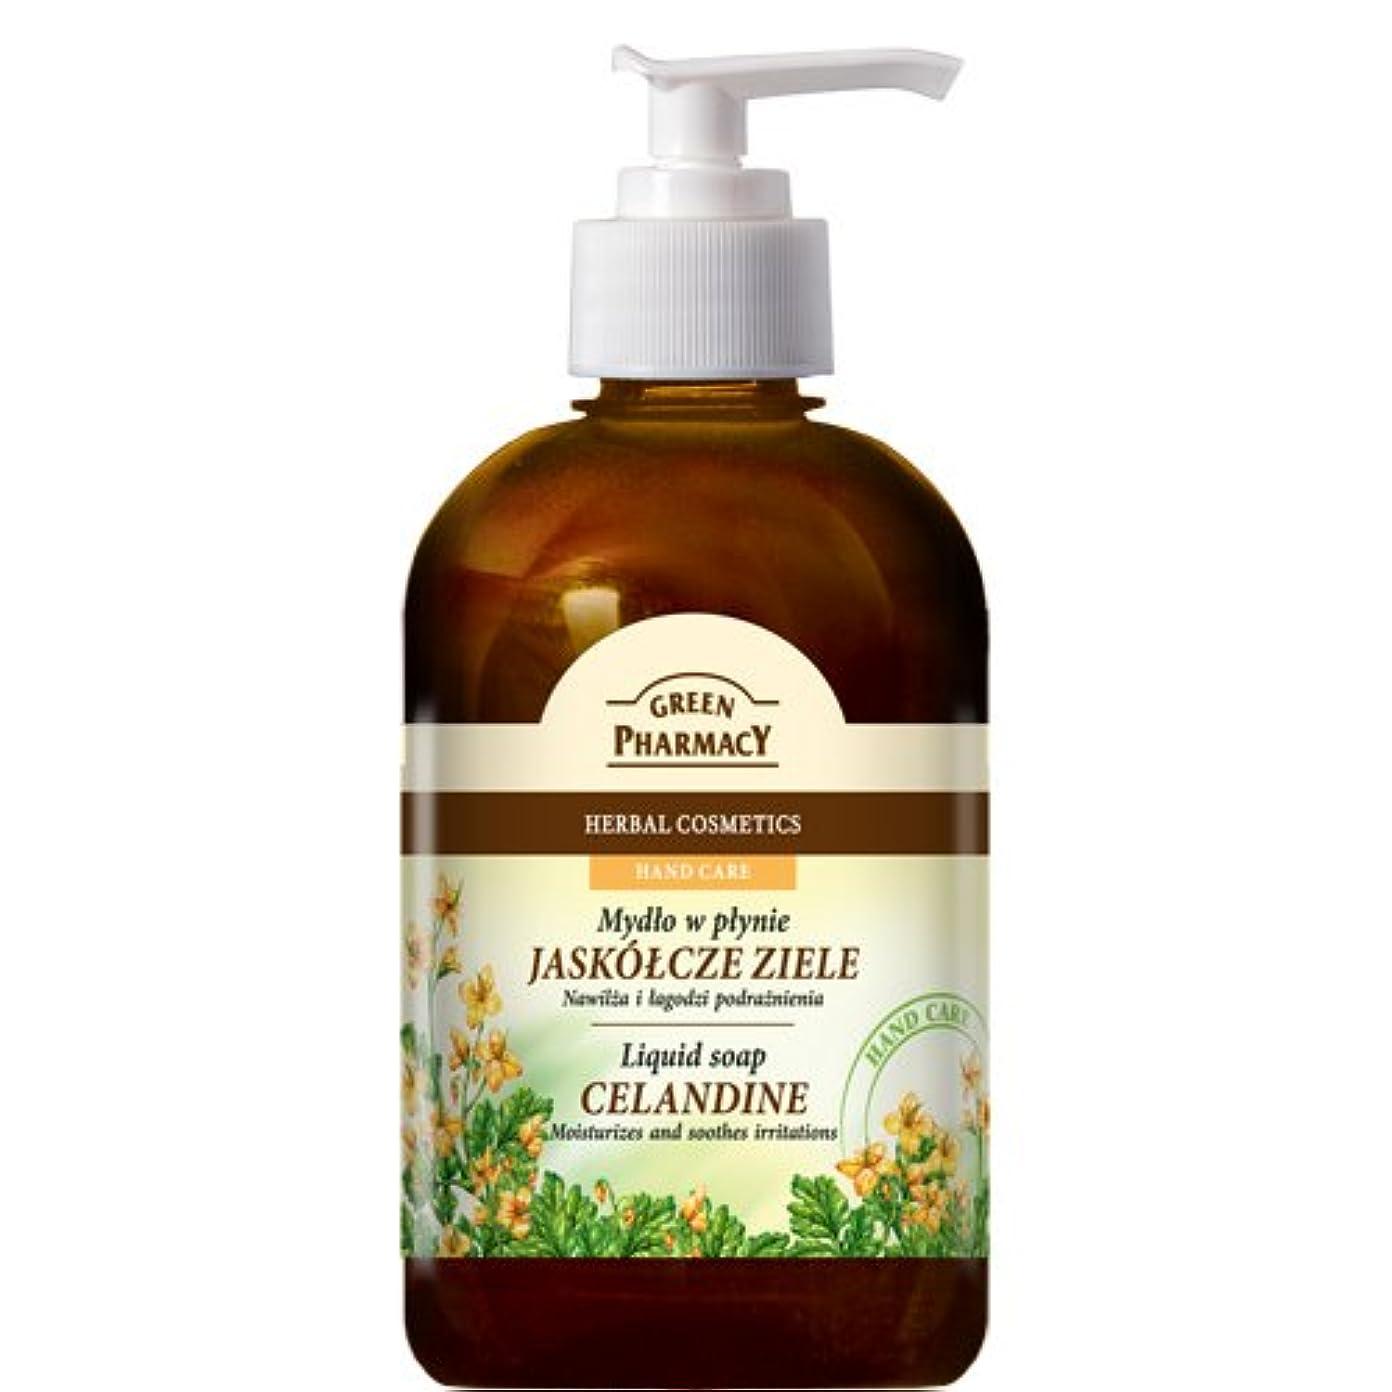 女王地下浴Elfa Pharm Green Pharmacy グリーンファーマシー Liquid Soap リキッドソープ Celandine クサノオウ